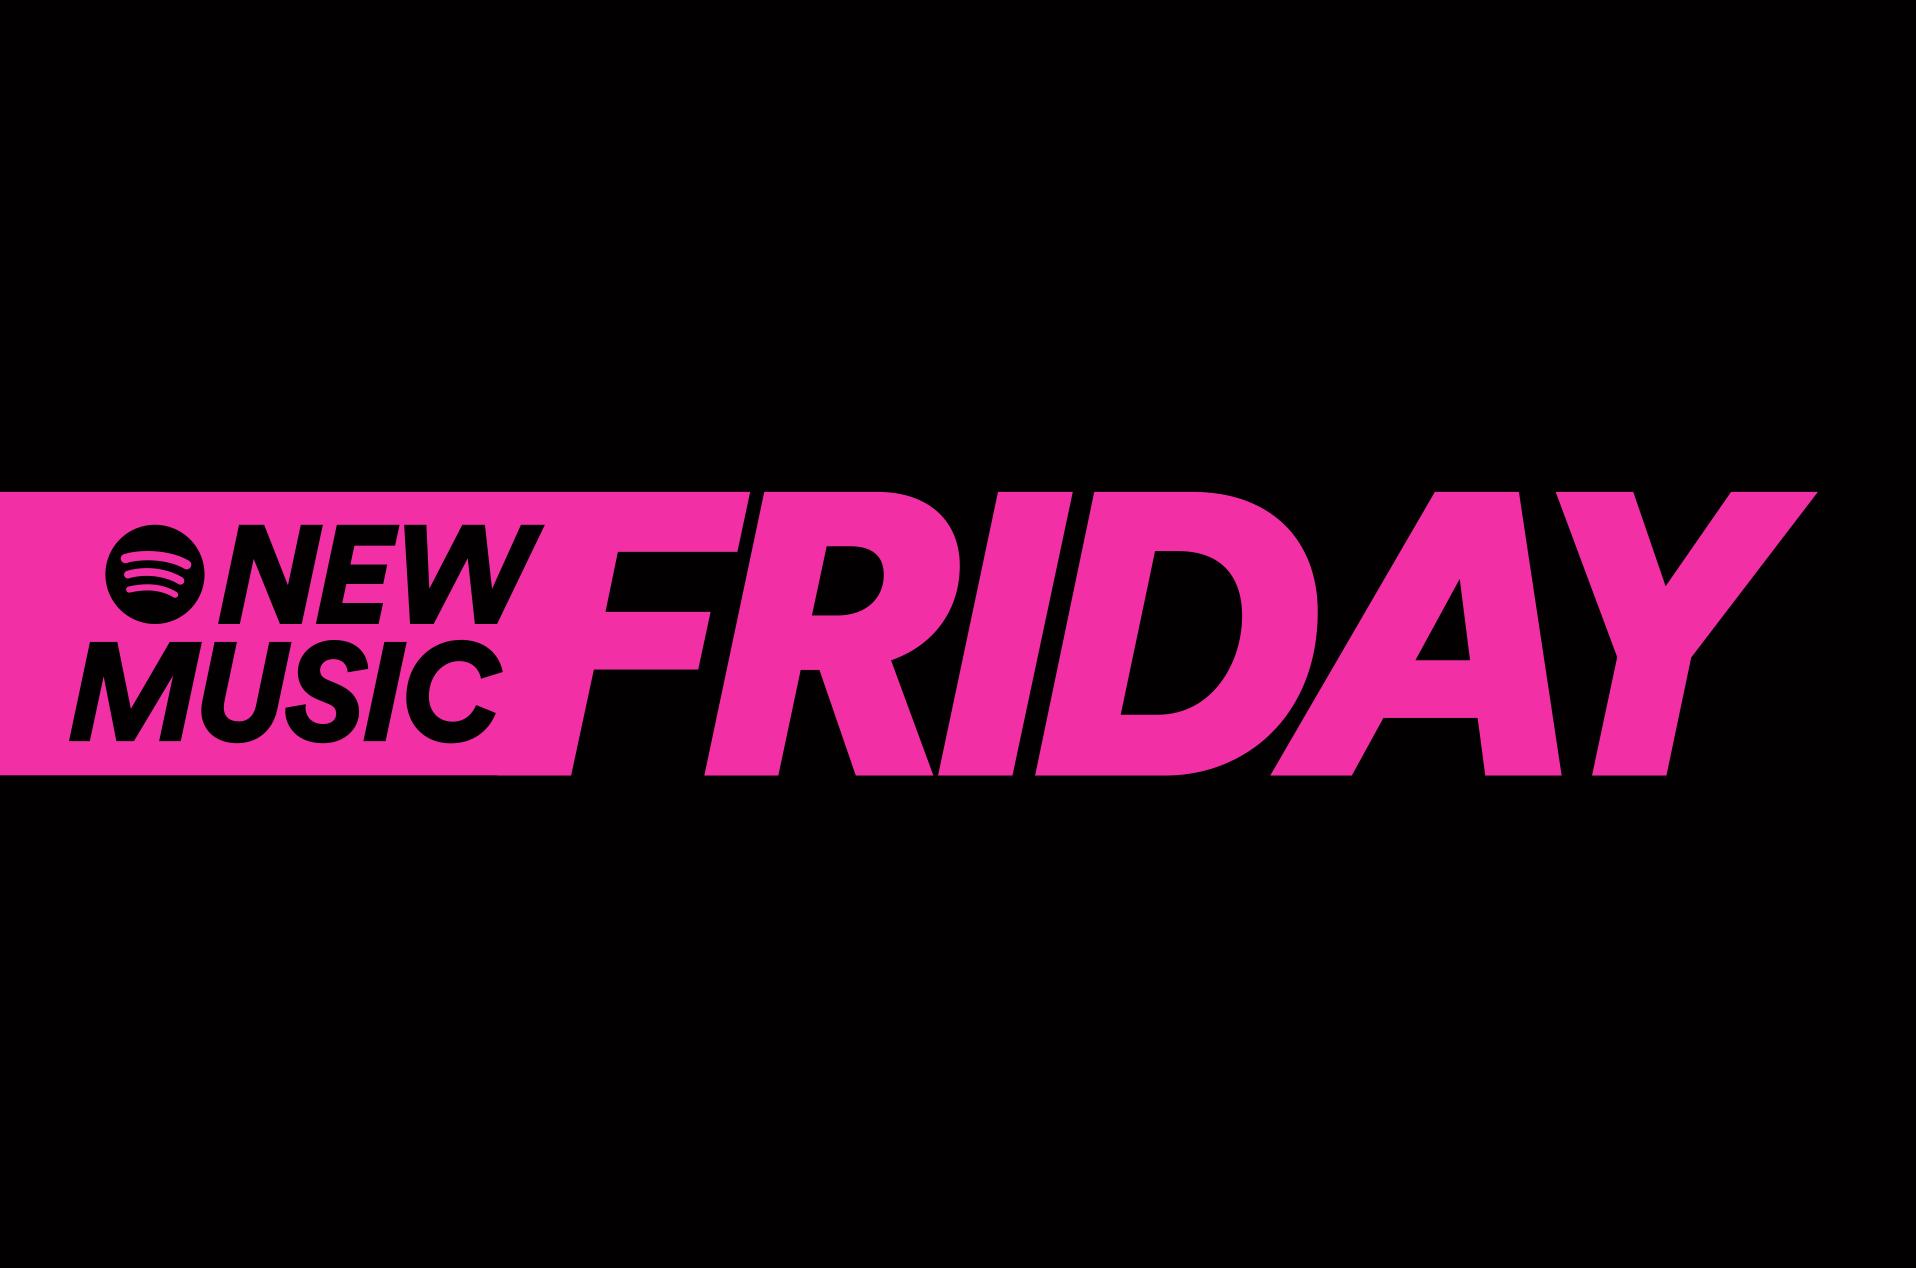 Spotify NewMusicFriday 04 (1)